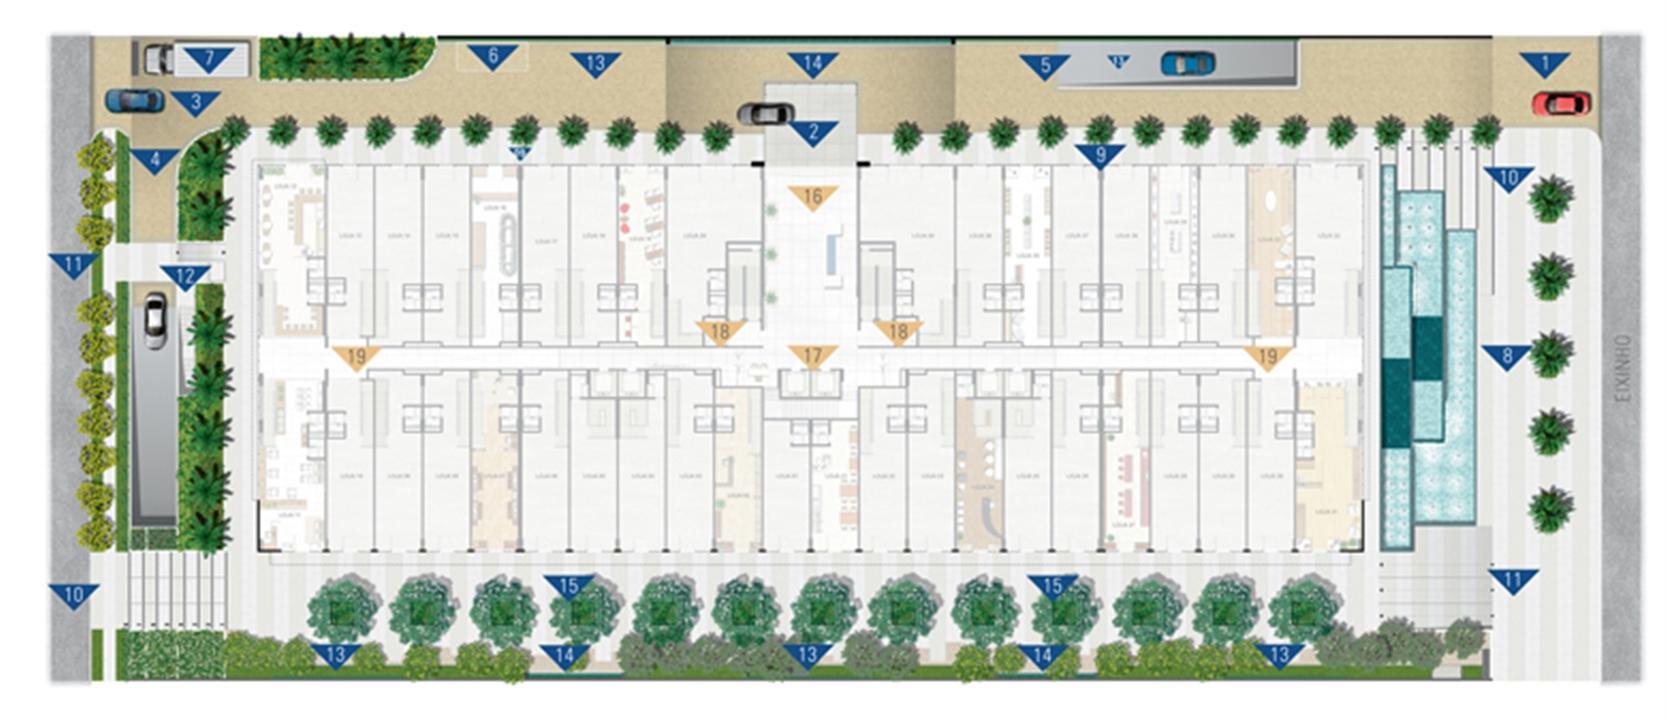 Implantação Geral  | Vega – Salas Comerciaisna  Asa Norte  - Brasília - Distrito Federal